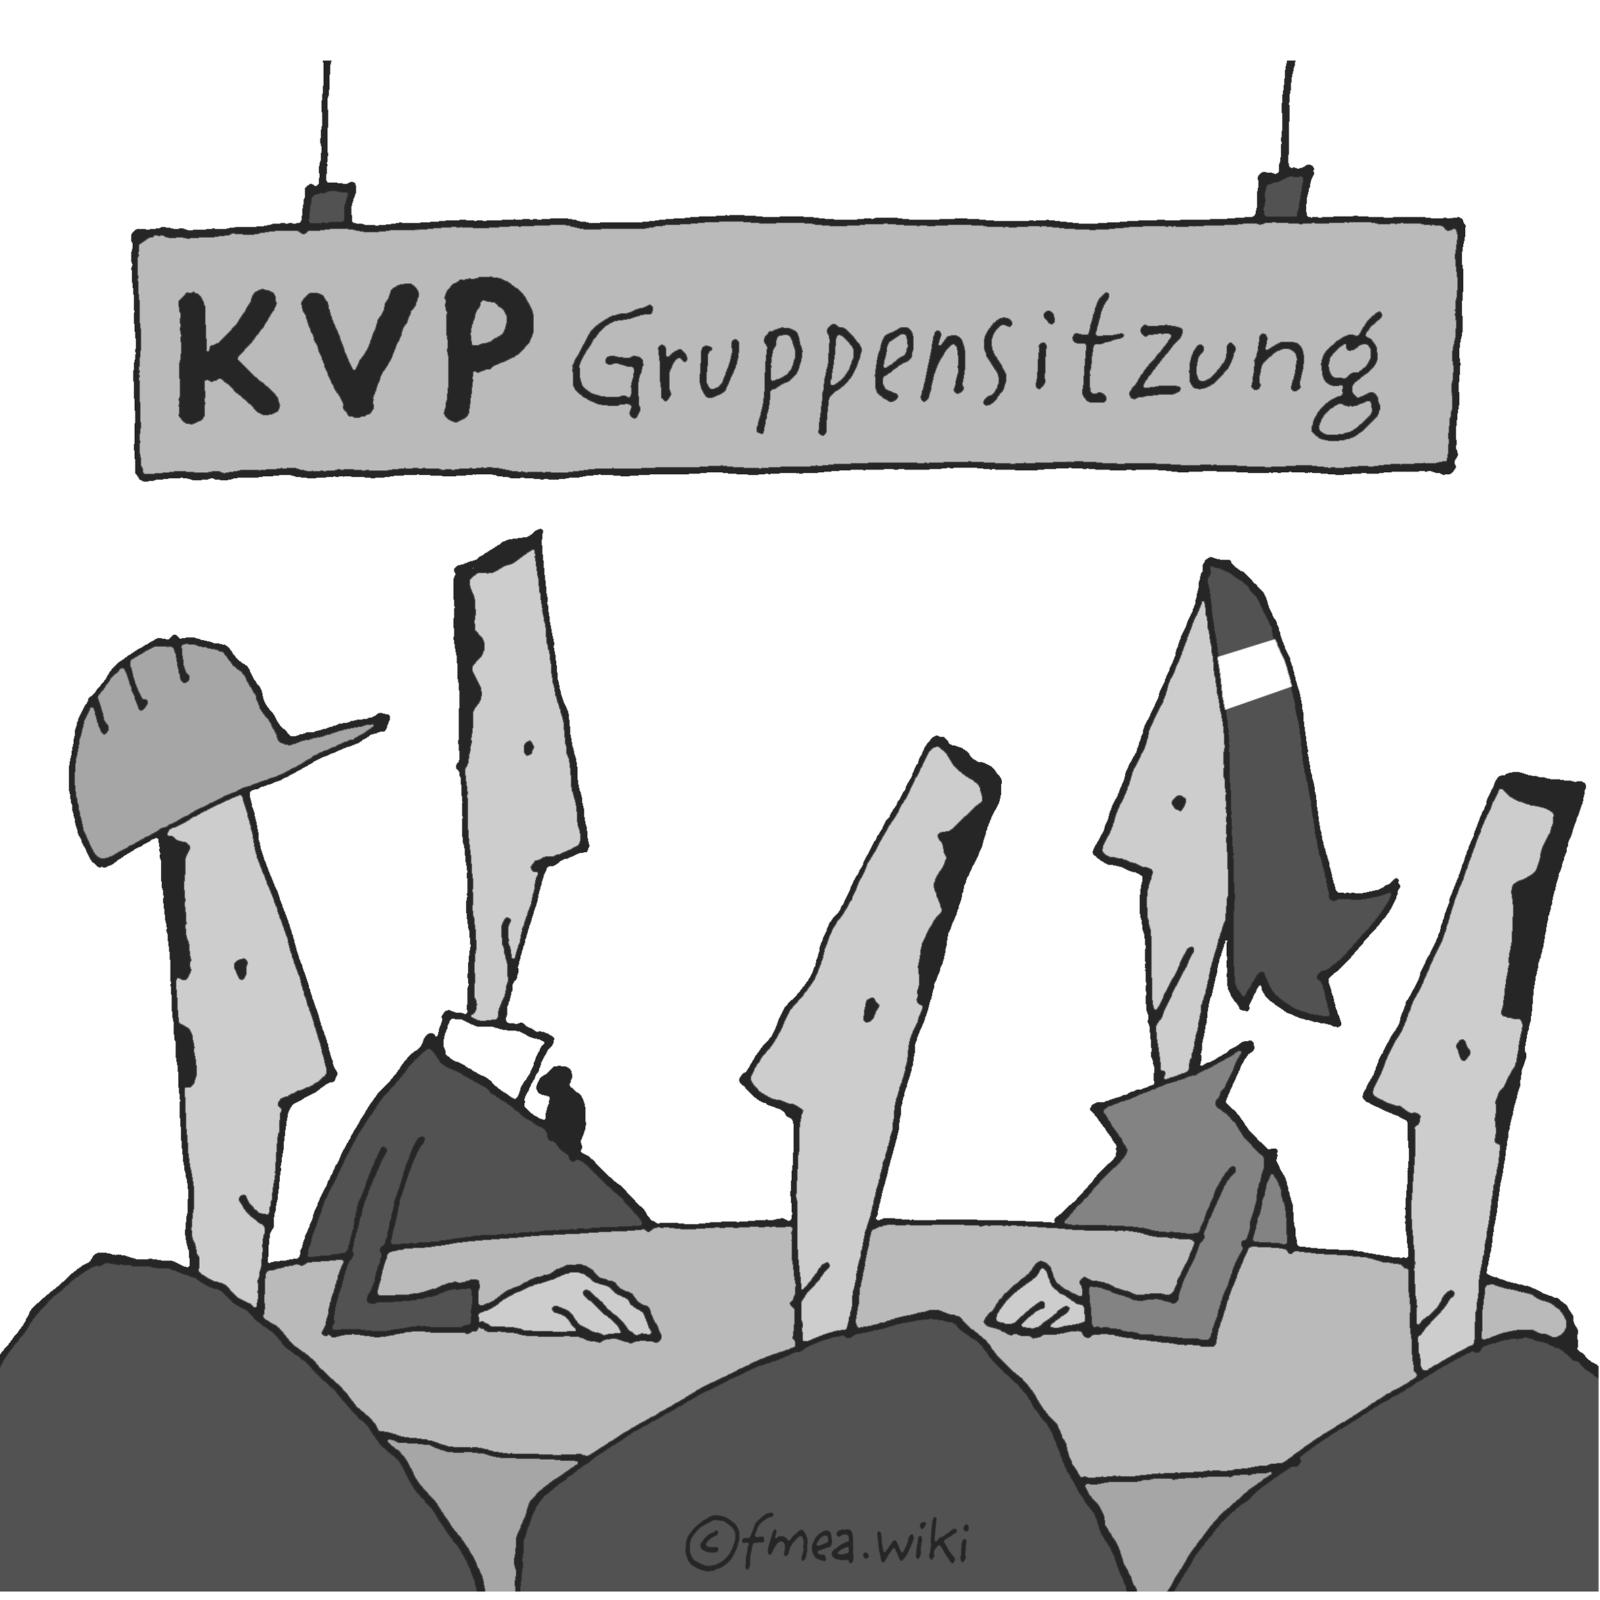 KVP Gruppensitzung